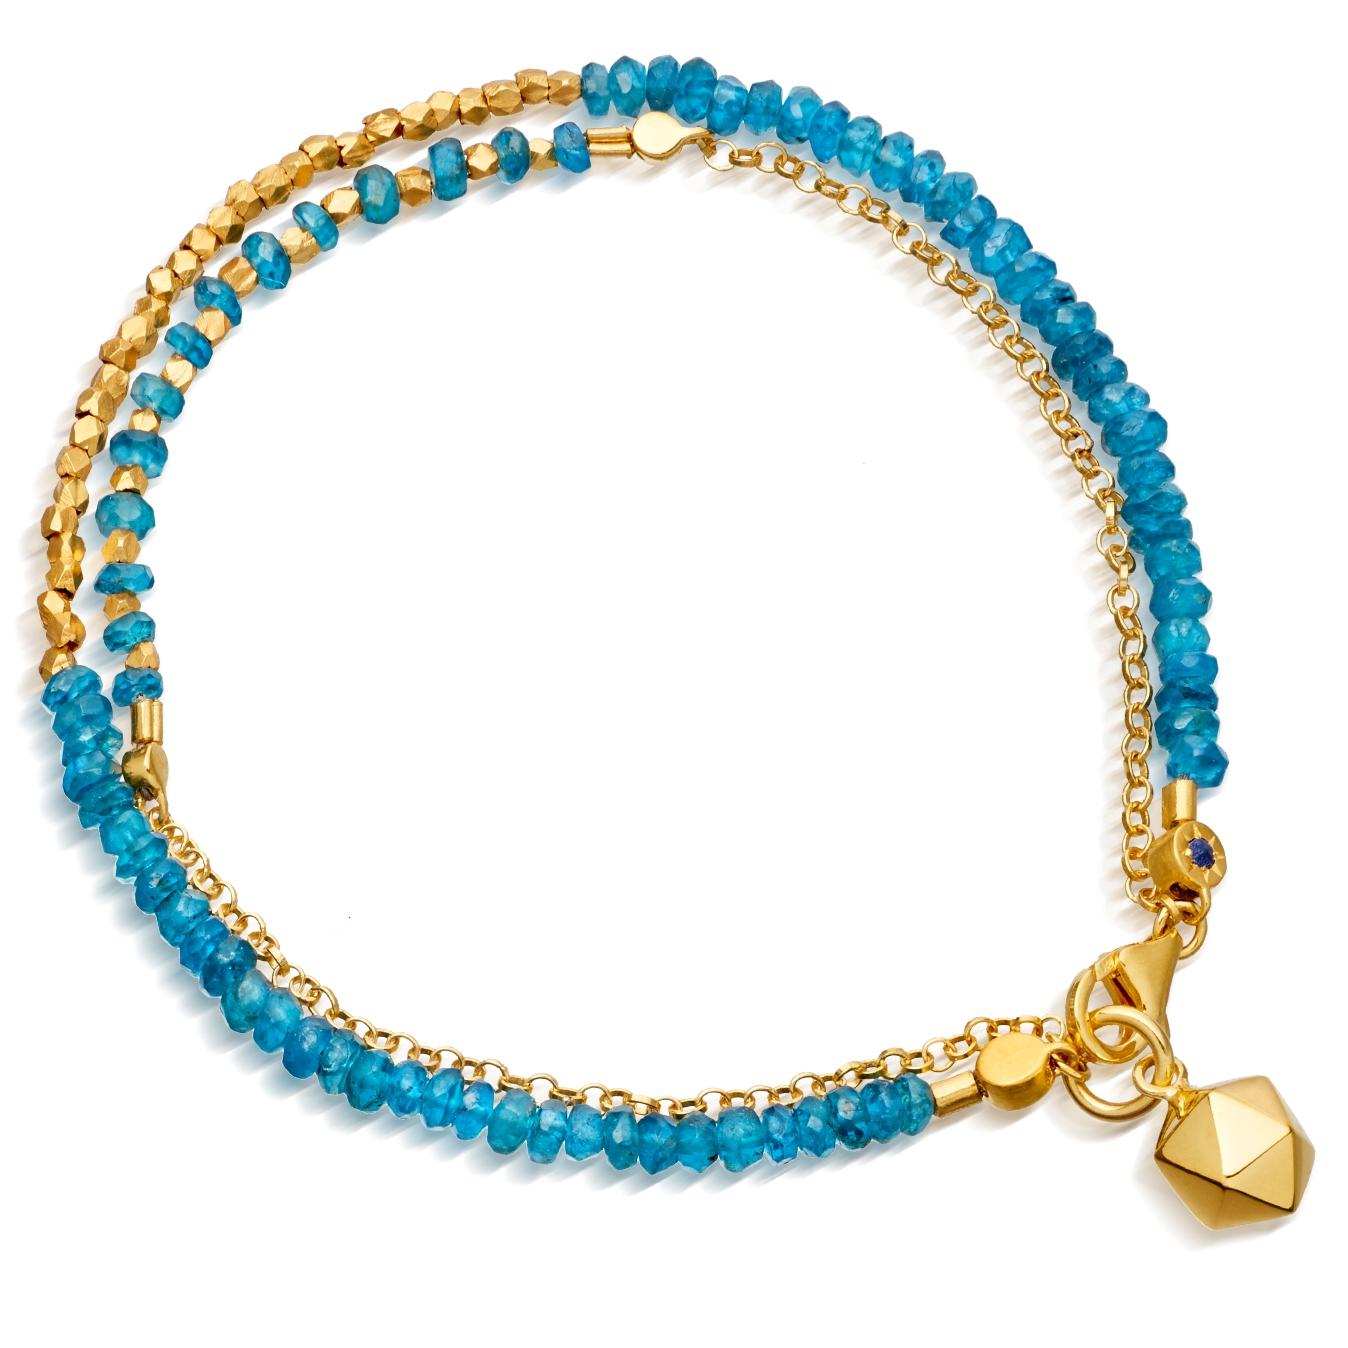 Ocean Quartz Water Element Double Row Biography Bracelet